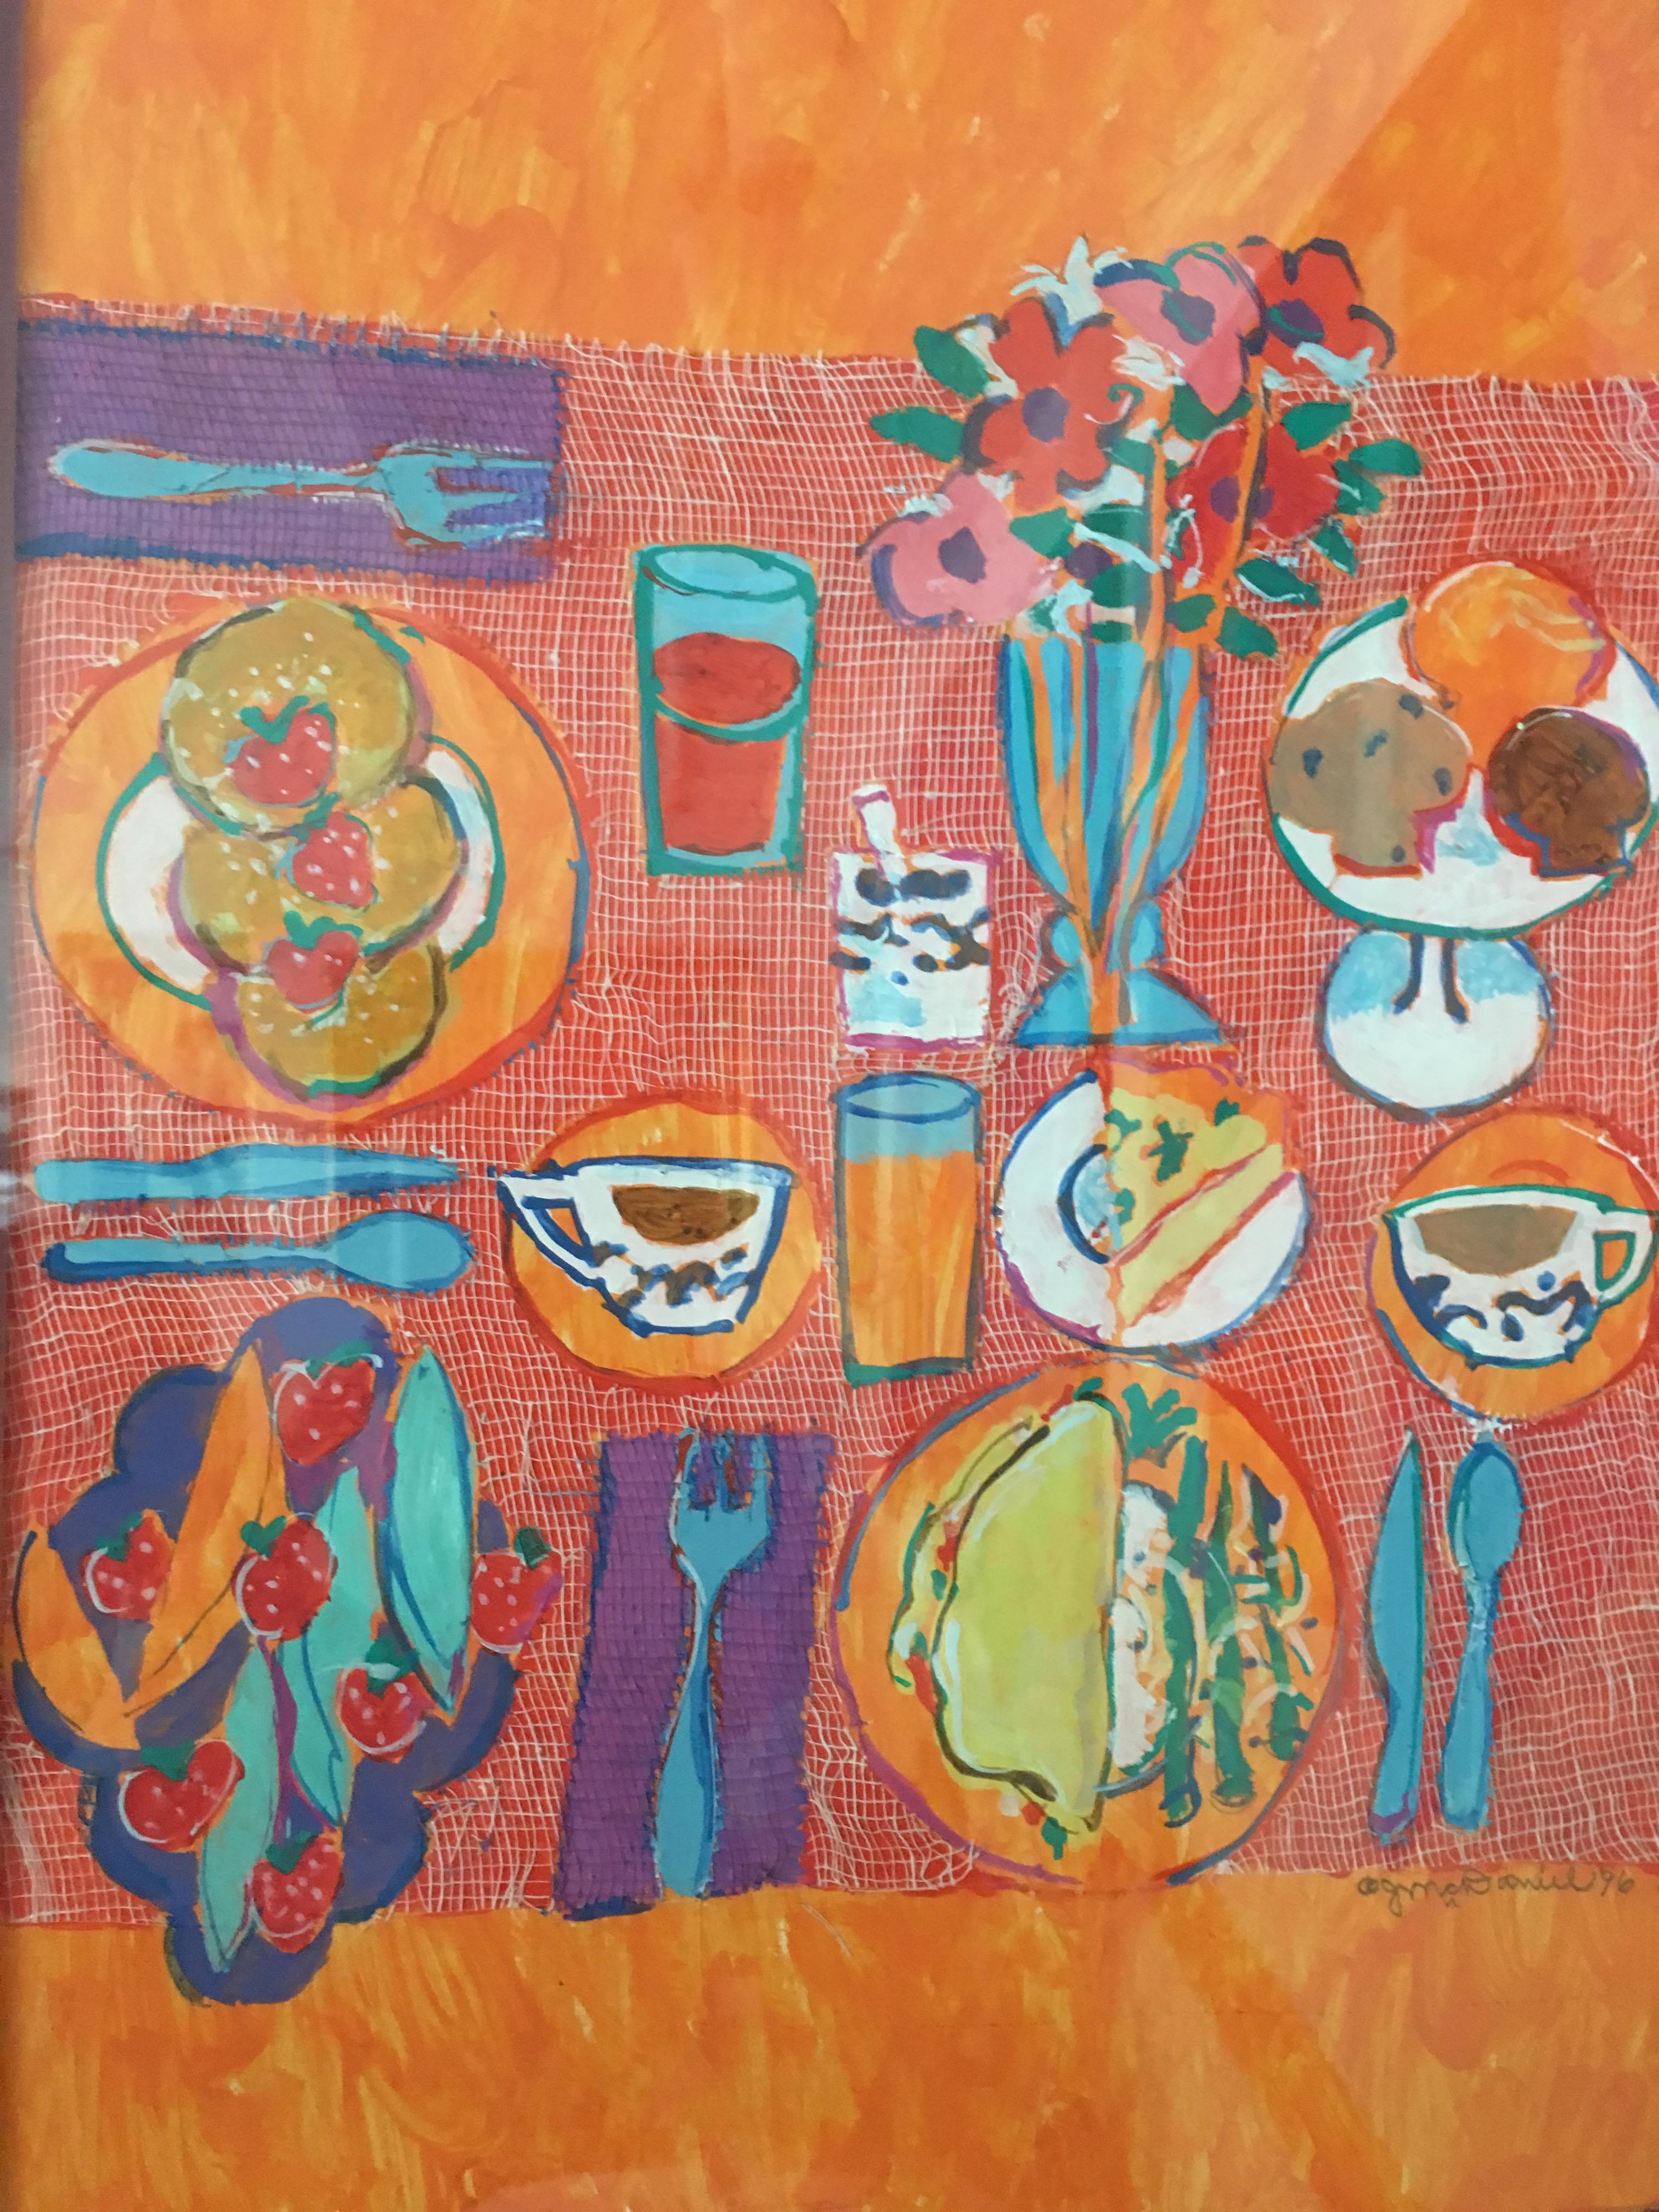 BreakfastCookingookJWMcD1996